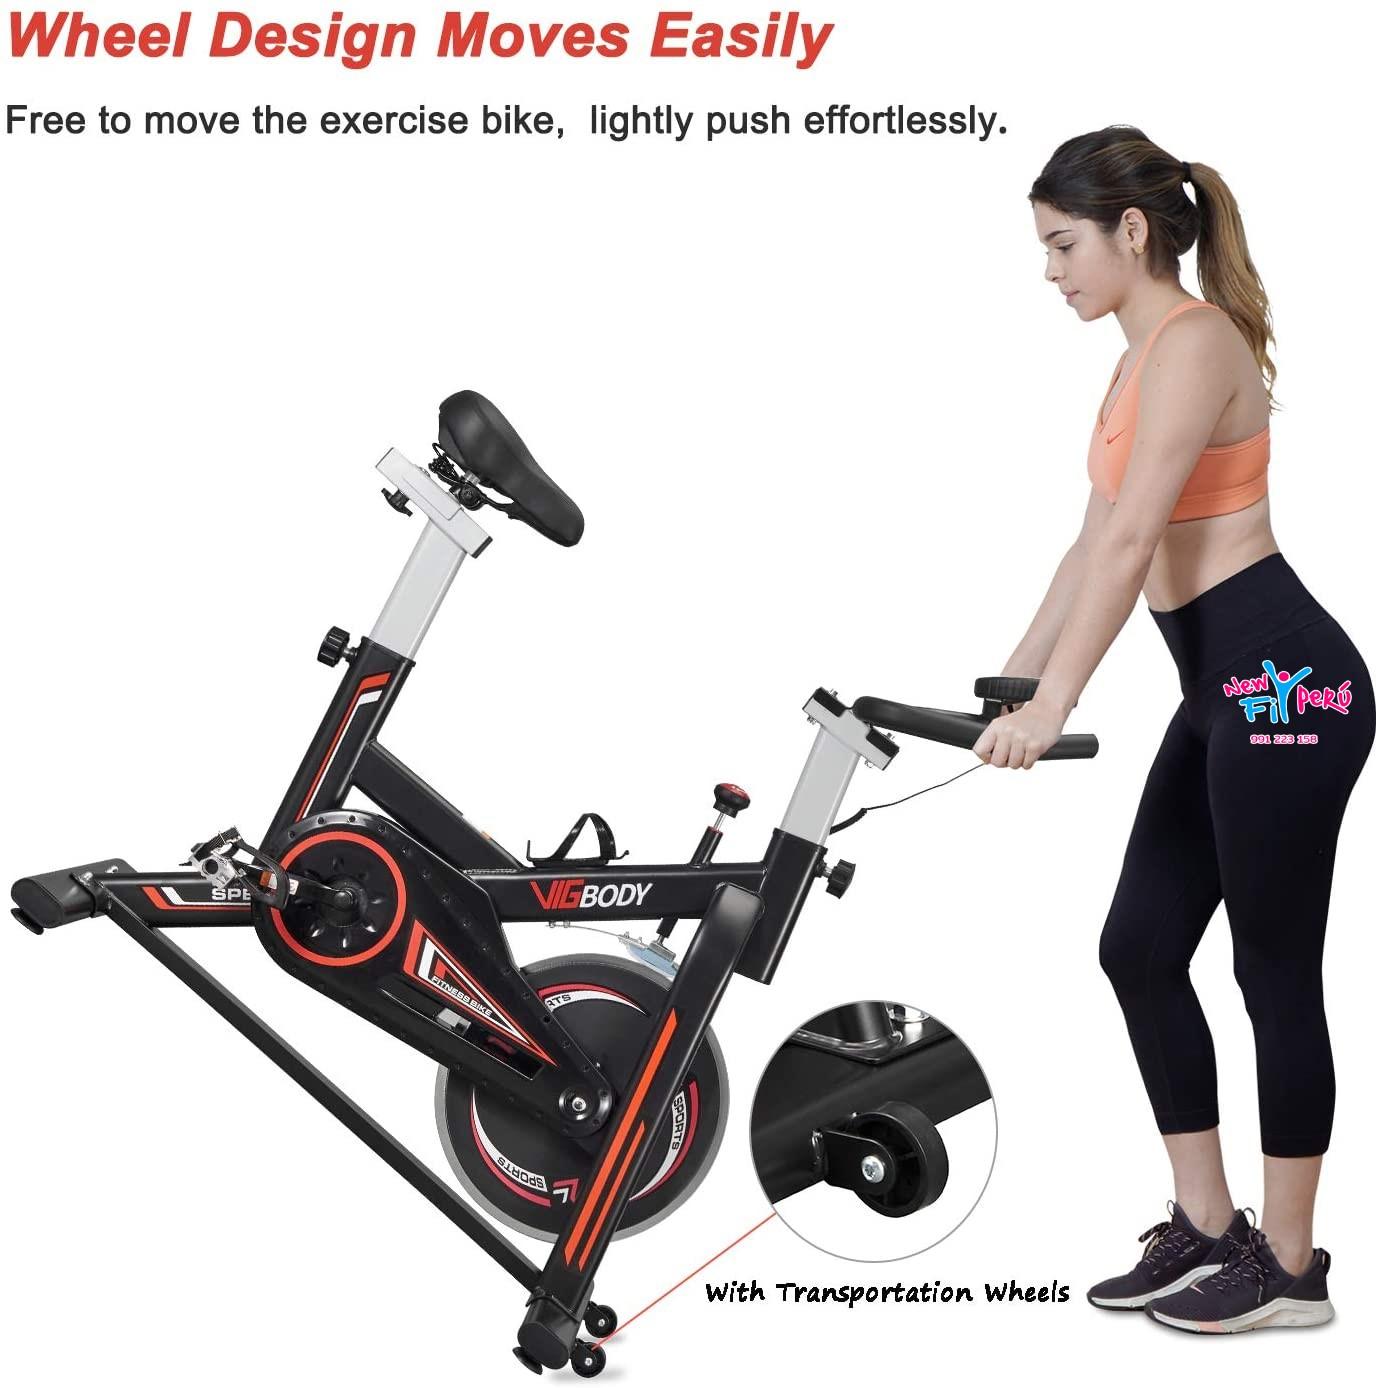 Bicicleta Spinning 7 YORK 1701 Volante De 18kg